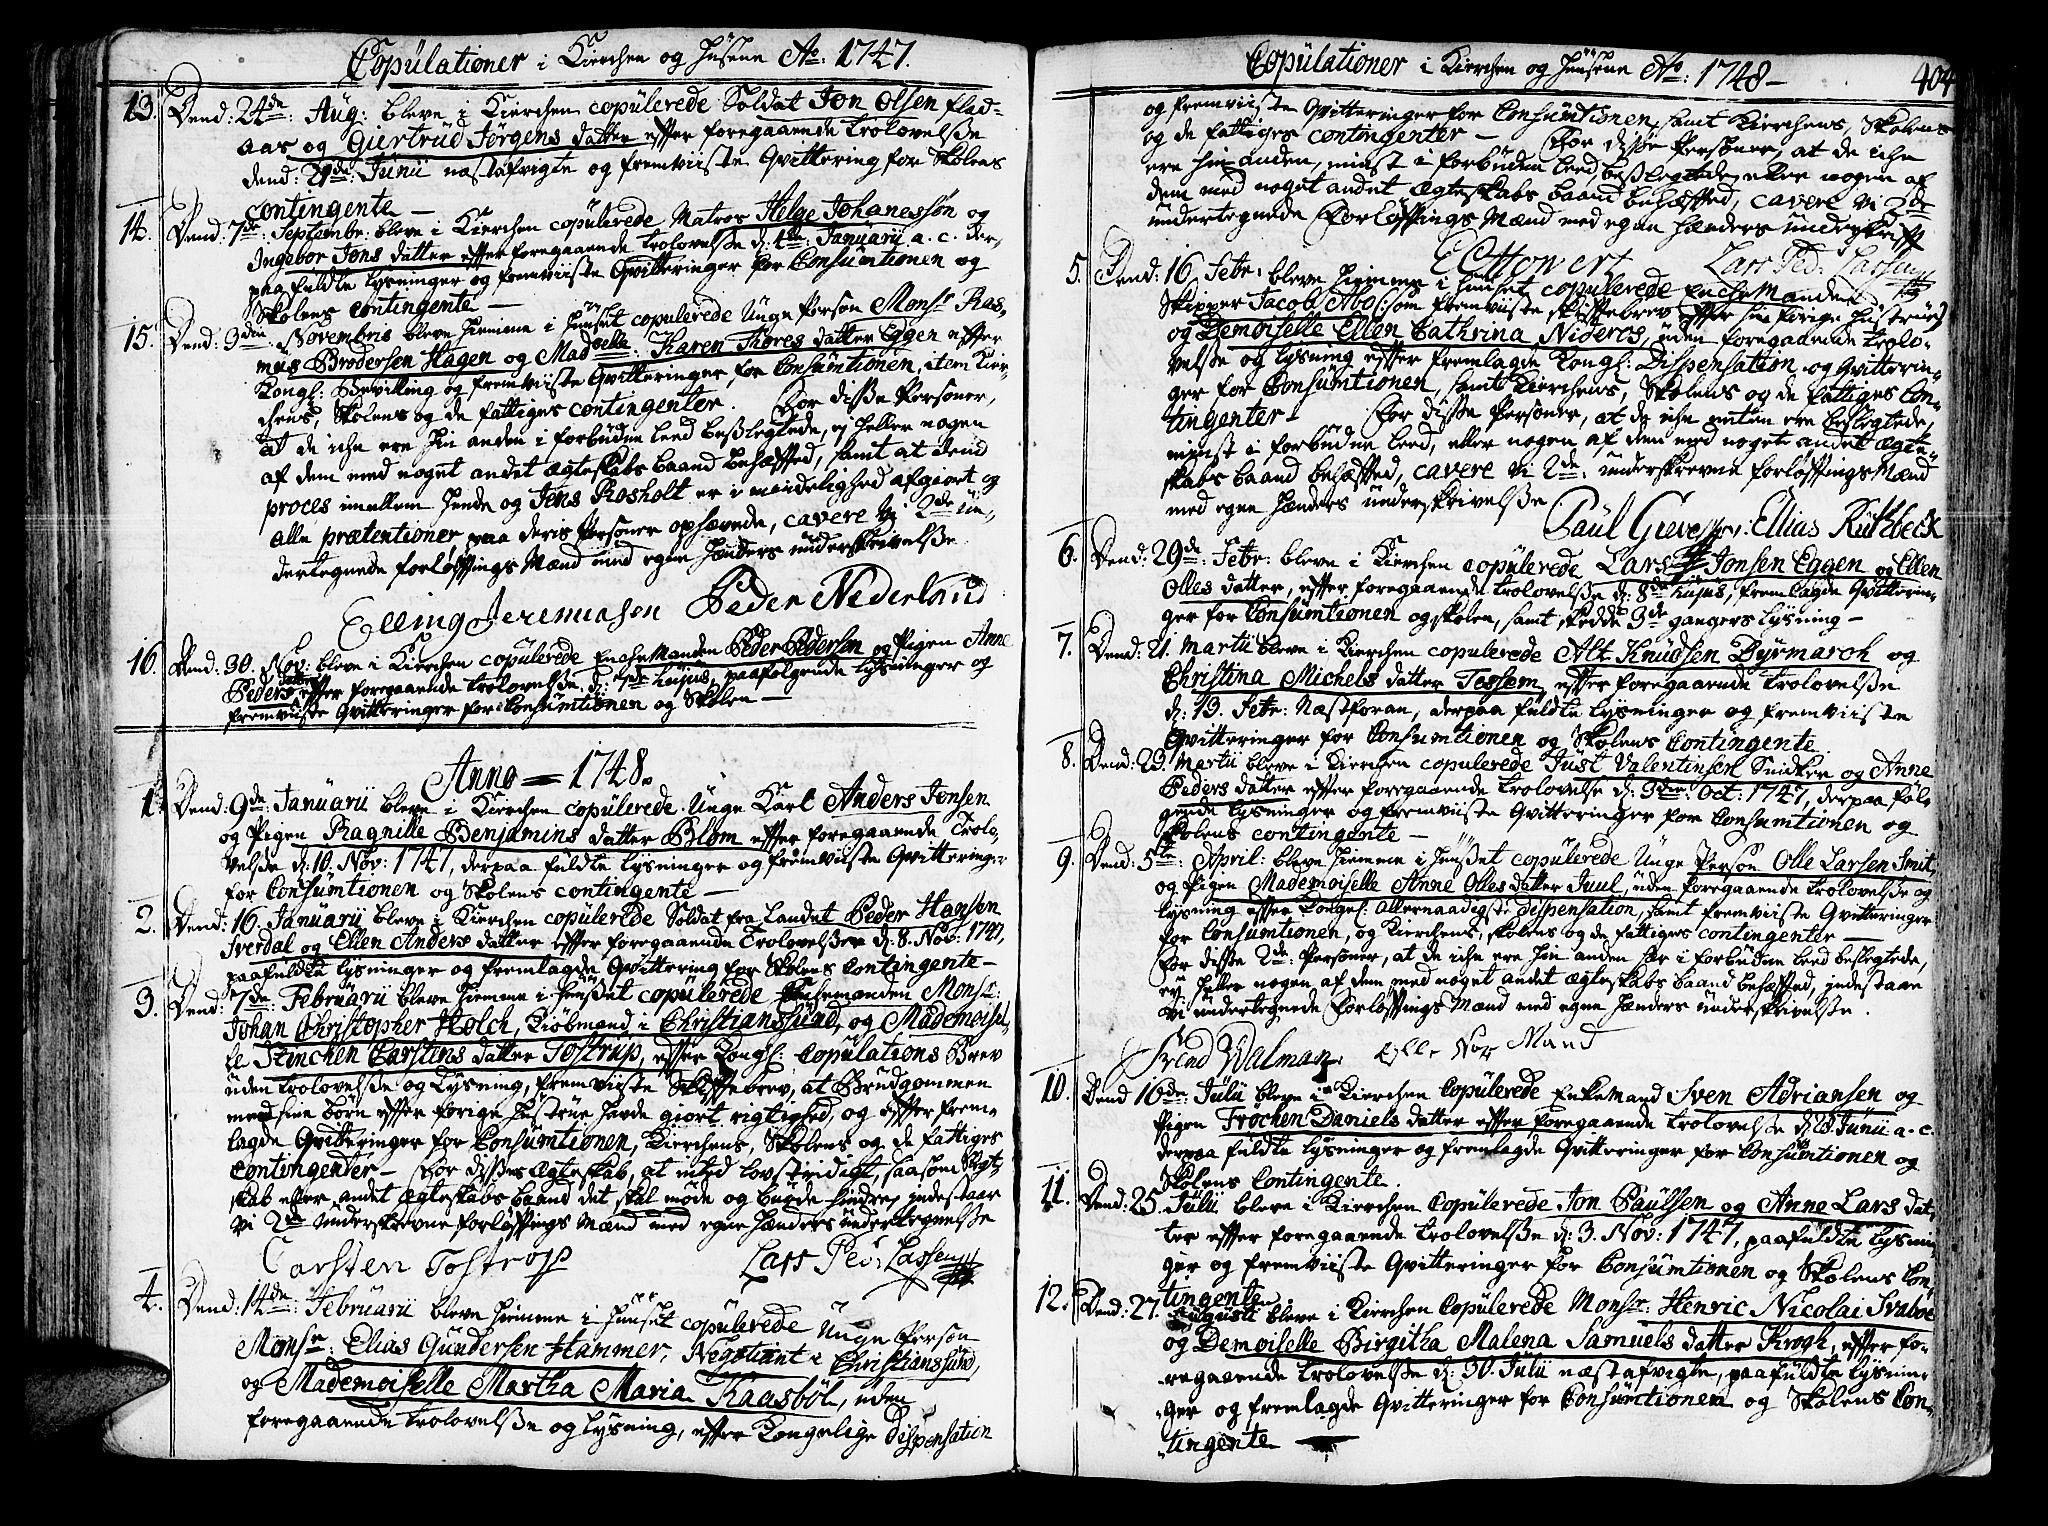 SAT, Ministerialprotokoller, klokkerbøker og fødselsregistre - Sør-Trøndelag, 602/L0103: Ministerialbok nr. 602A01, 1732-1774, s. 404